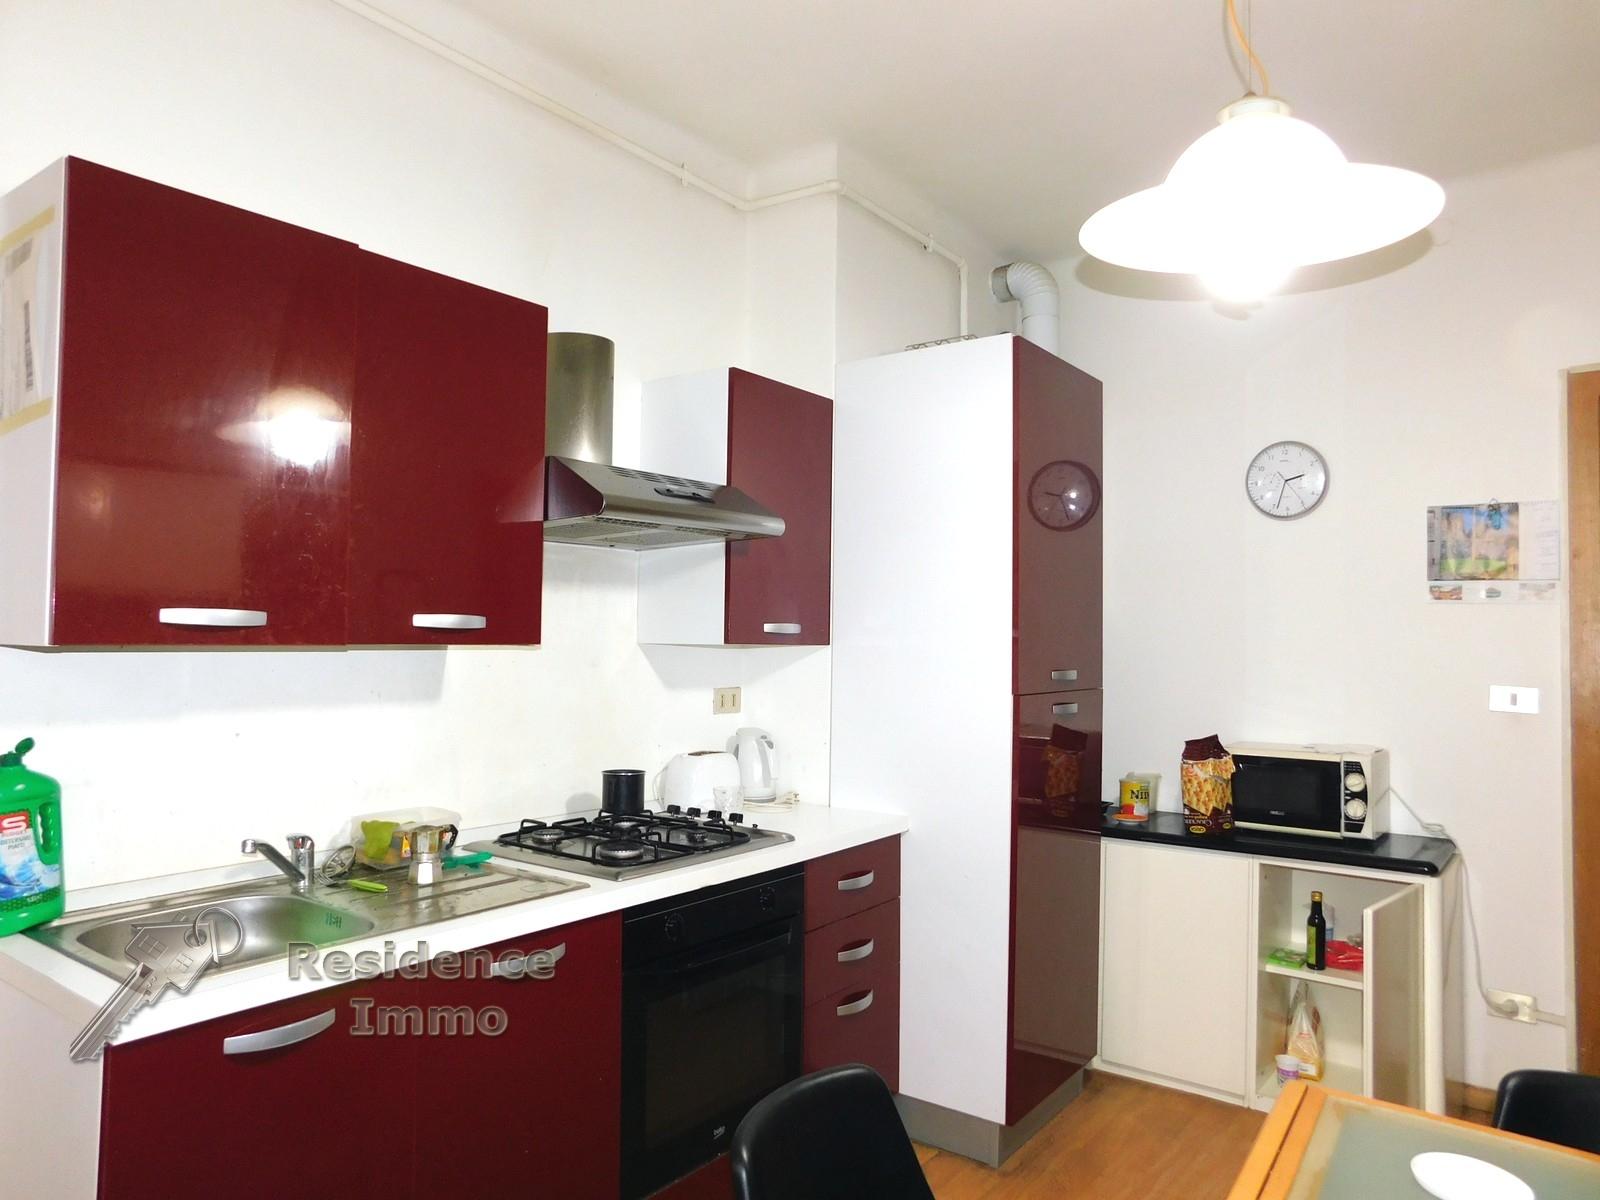 Appartamento in vendita a Bolzano, 6 locali, zona Zona: Residenziale, prezzo € 350.000 | Cambio Casa.it